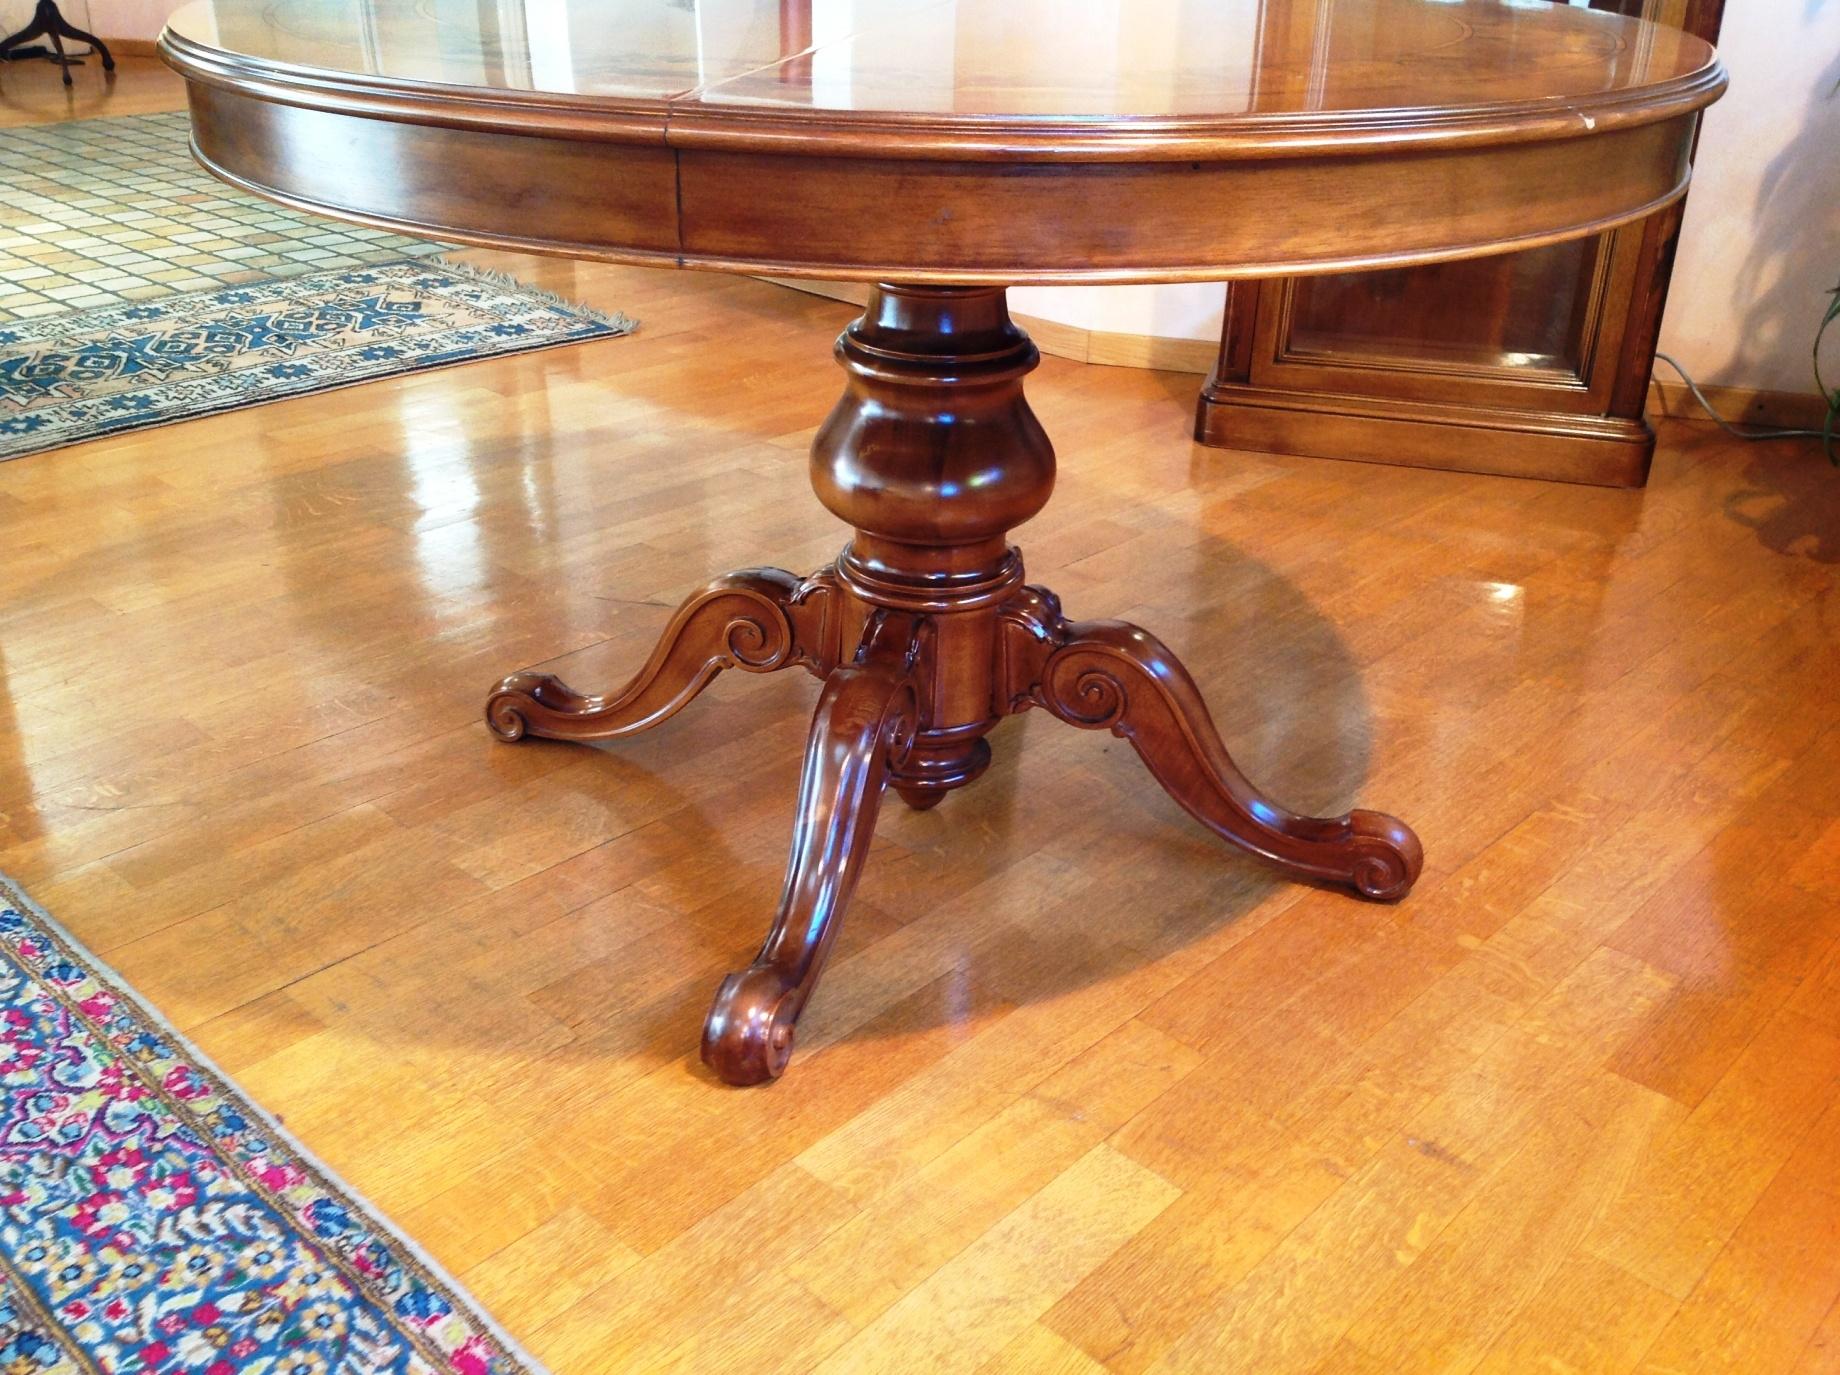 Tavolo artigianale diametro 120 allungabile in legno stile - Tavolo rotondo vetro diametro 120 ...